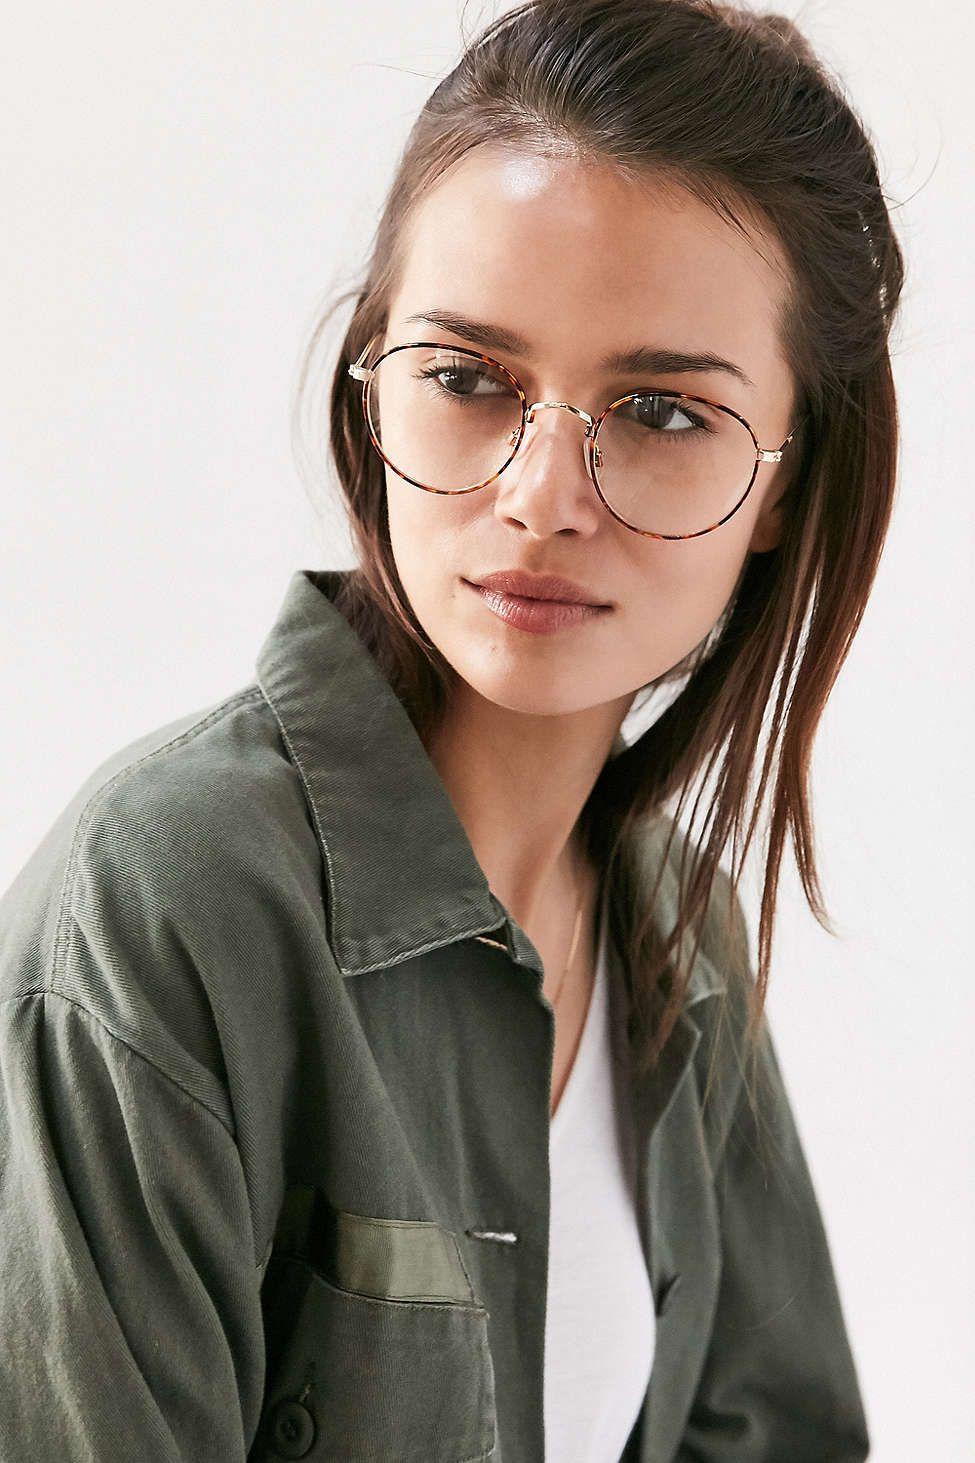 lunettes rondes kendall en 2018 01 todress pinterest. Black Bedroom Furniture Sets. Home Design Ideas